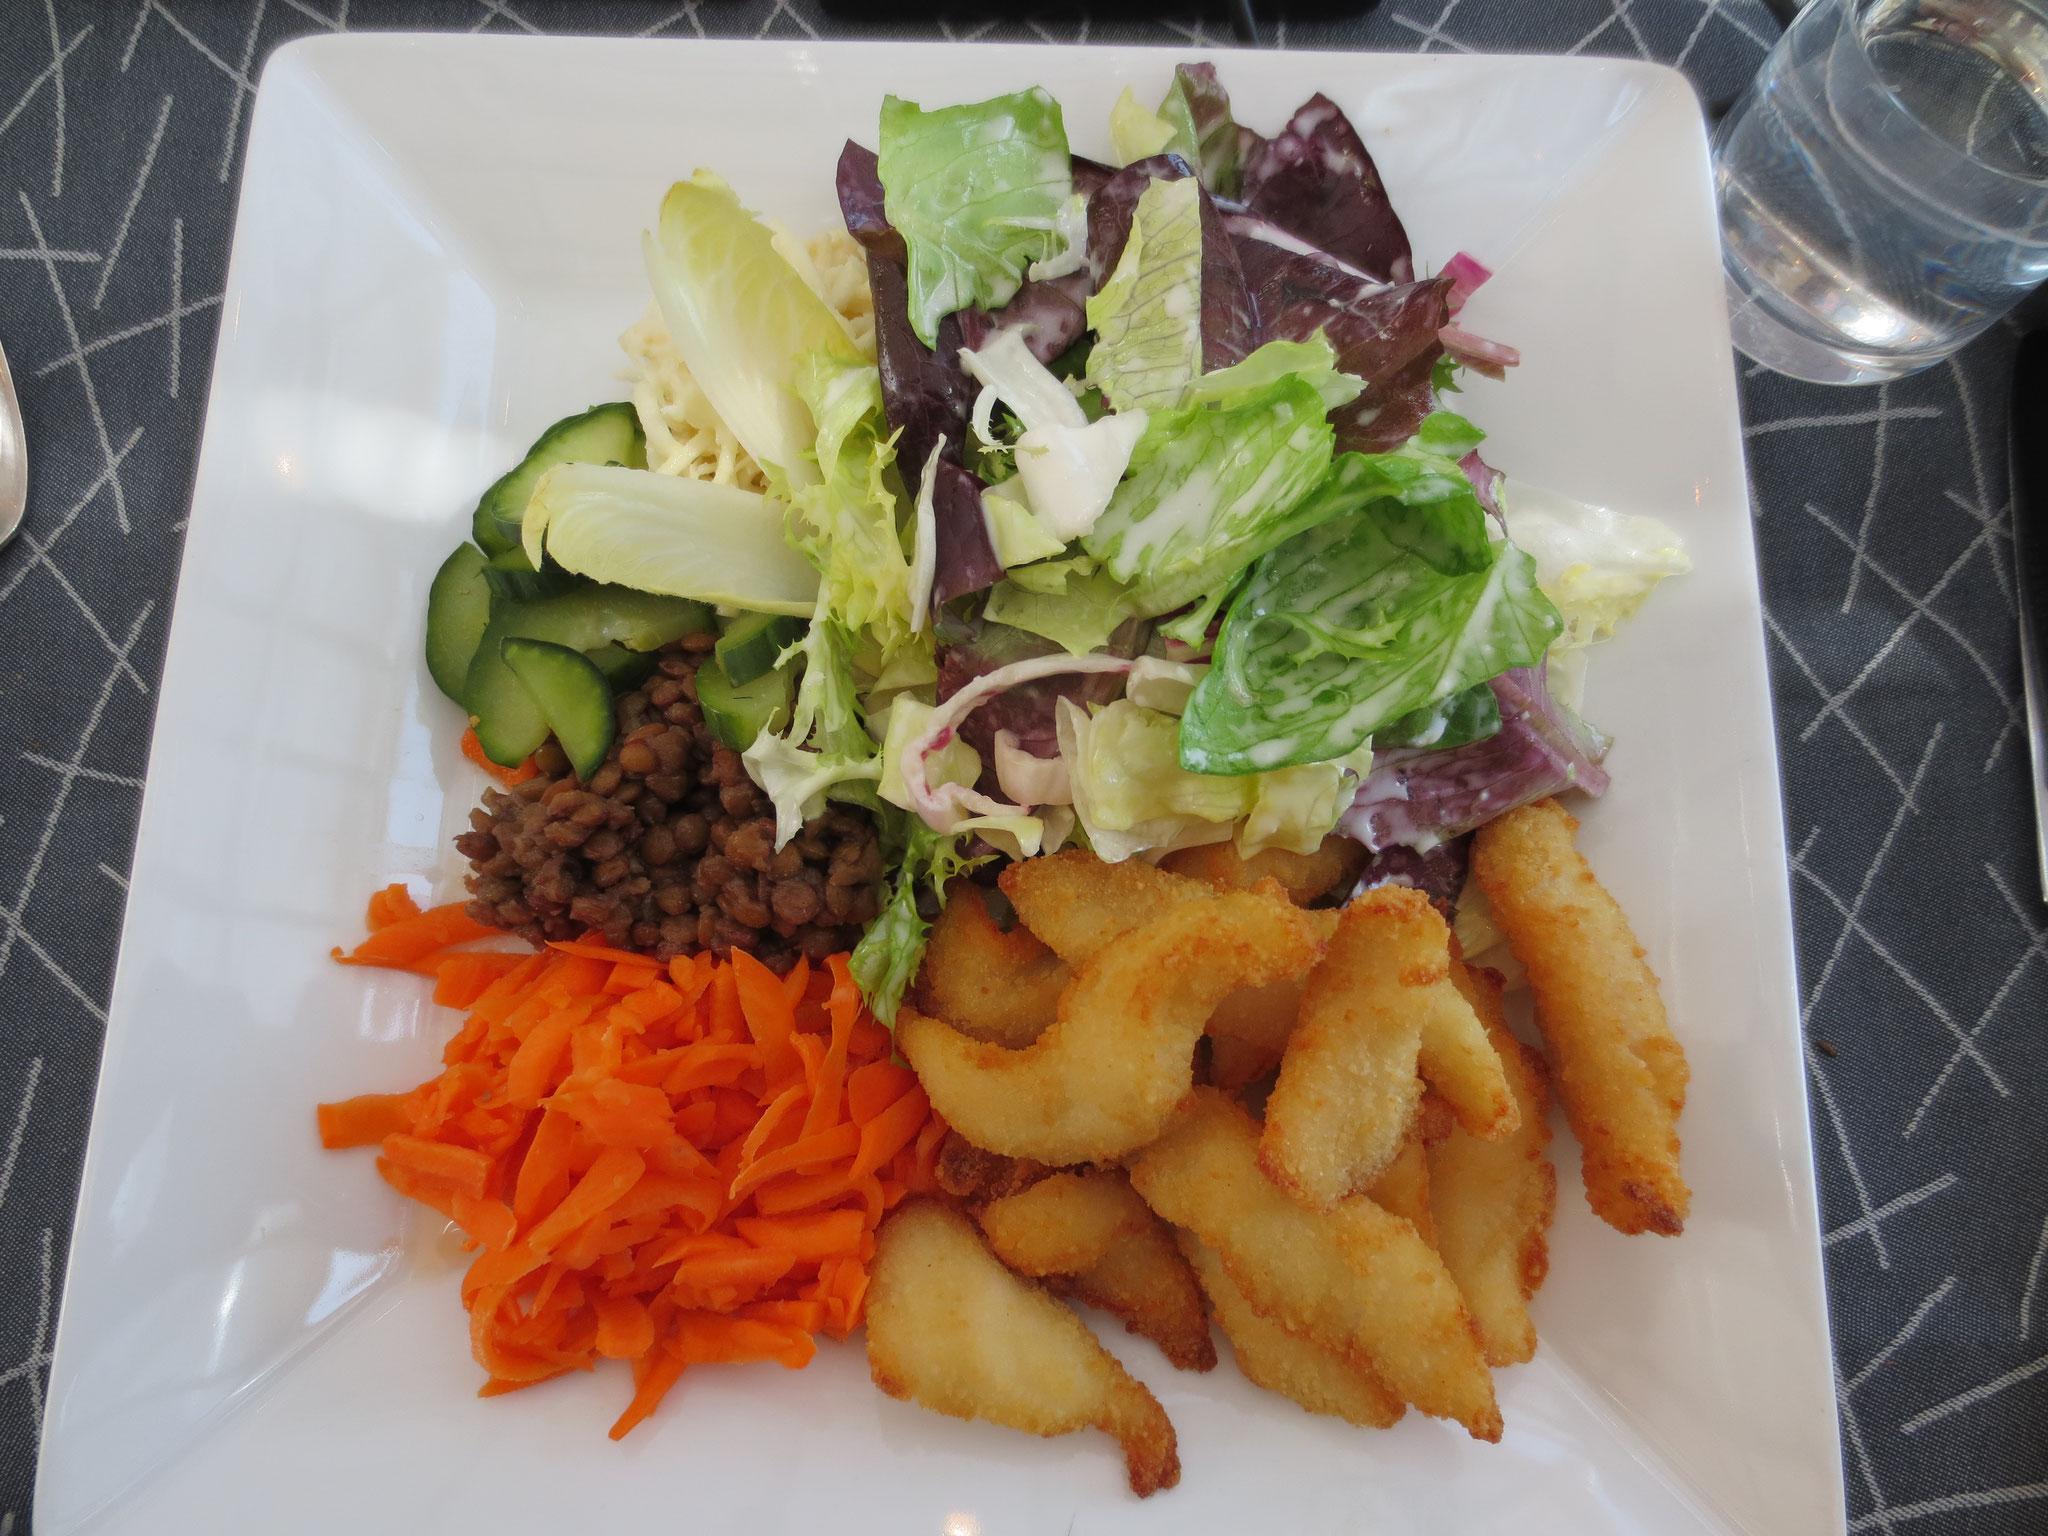 VDSV-Business-Lunch im Hotel Gasthof Kreuz in CH-Egerkingen: Im Bild die Hauptspeise Fitnessteller mit Salatauswahl und Fischknusperli mit hausgemachter Quarkmayonnaise und süss-saurer Sauce